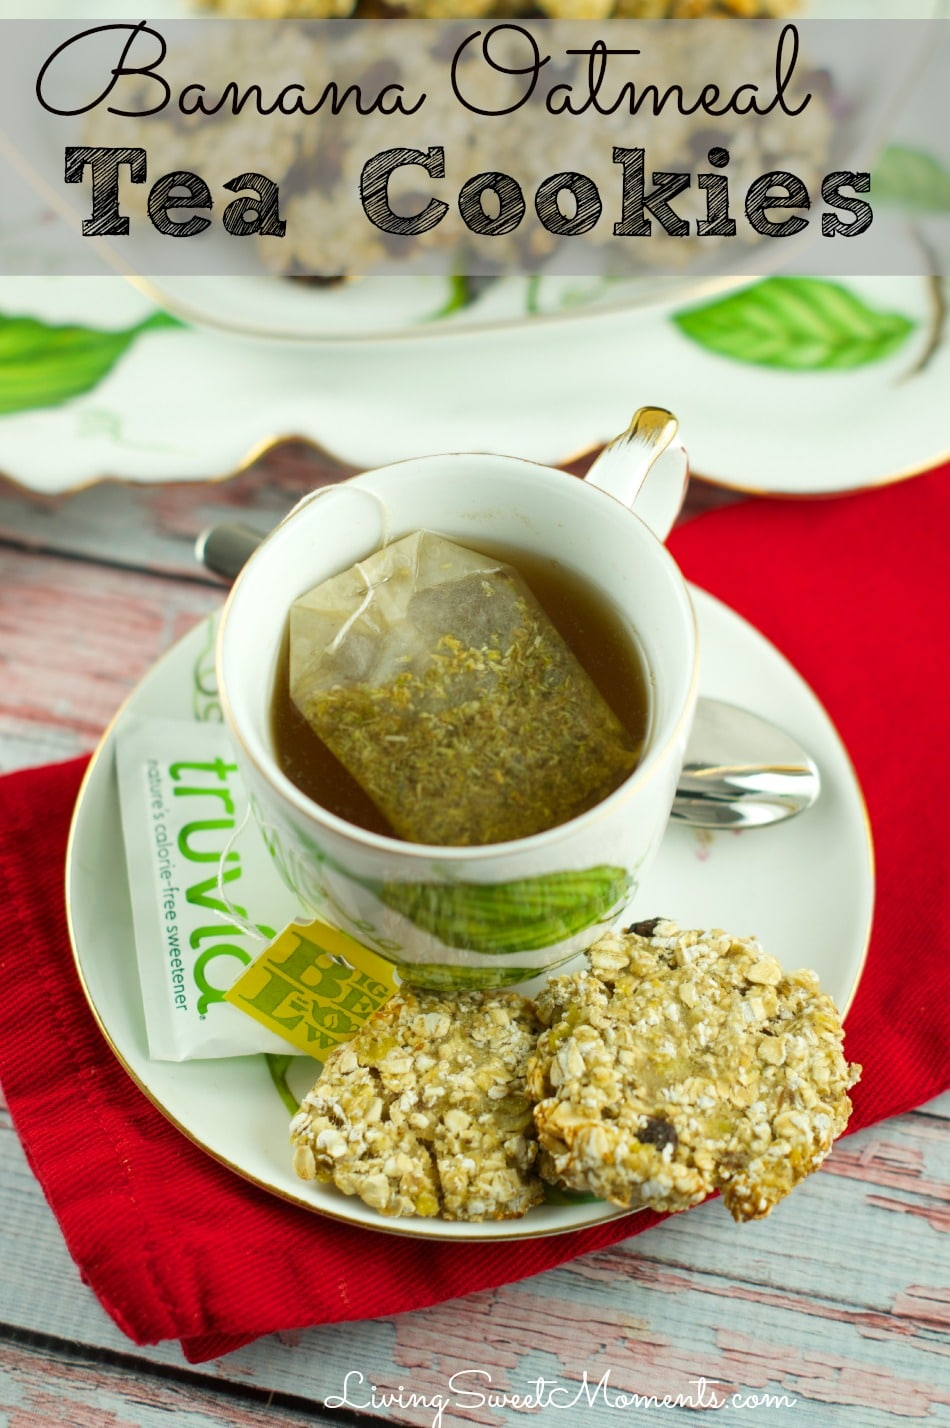 banana-oatmeal-cookies-recipe-cover